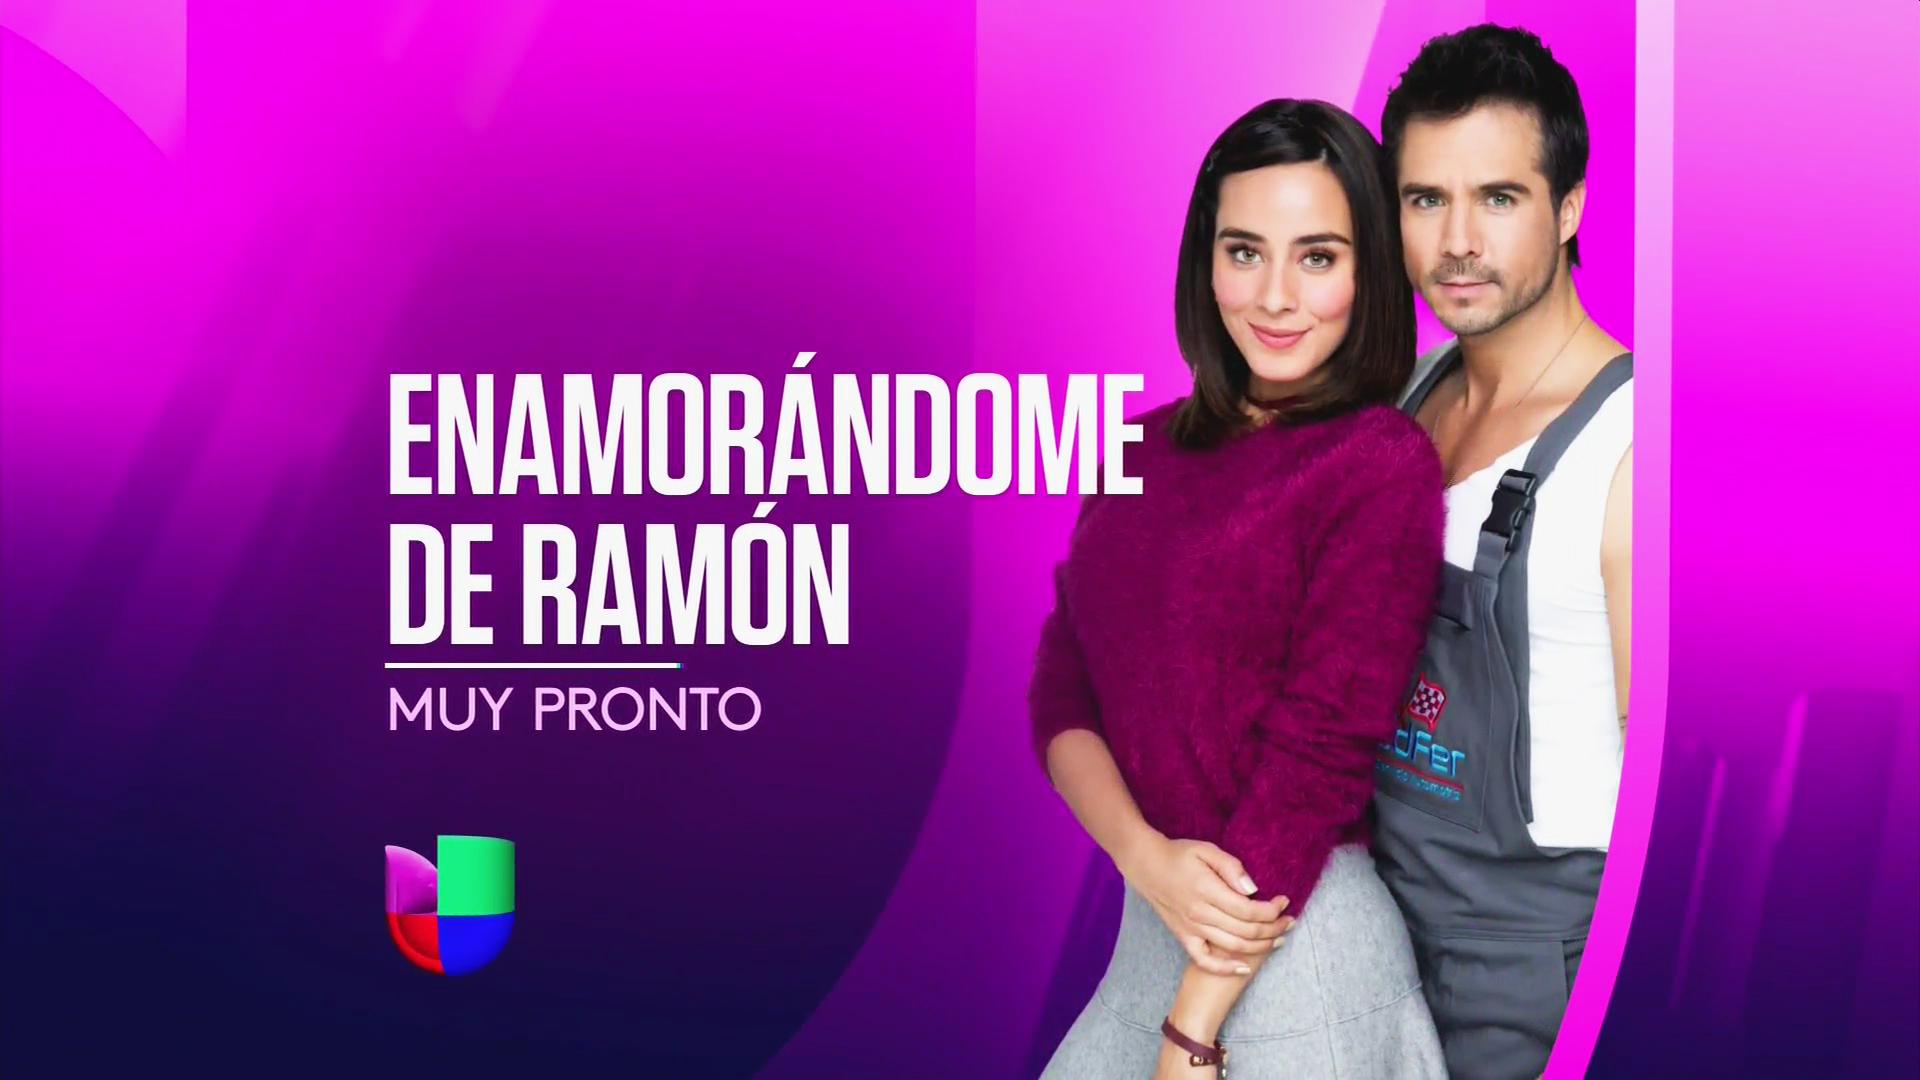 Enamorándome de Ramón' llega a tus pantallas por Univision